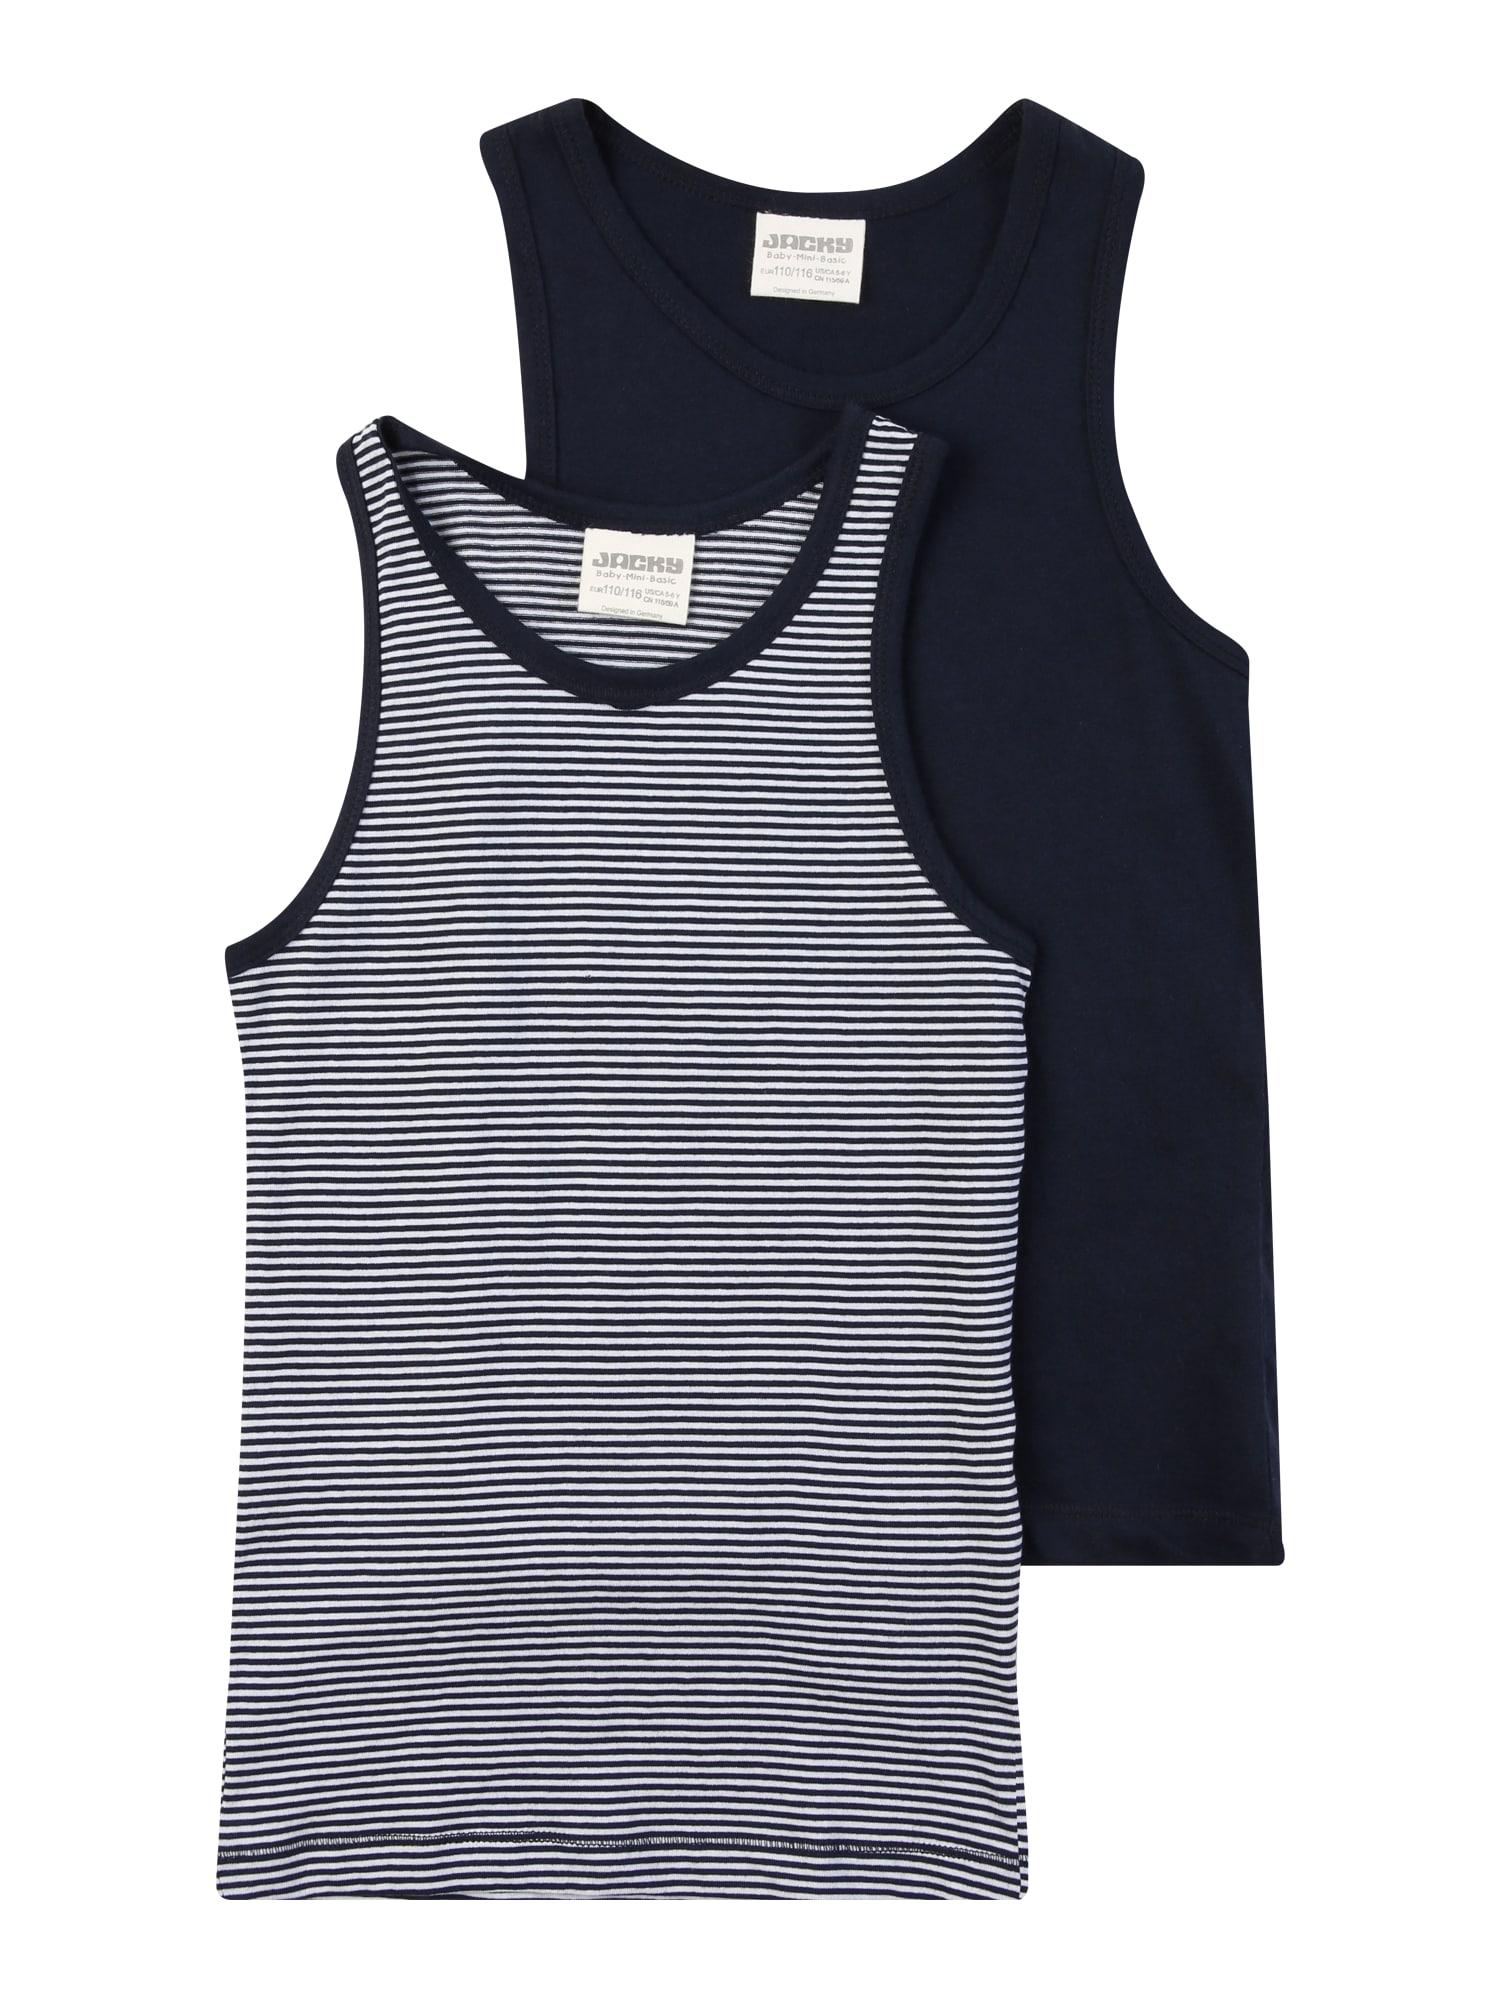 JACKY Apatiniai marškinėliai kobalto mėlyna / balta